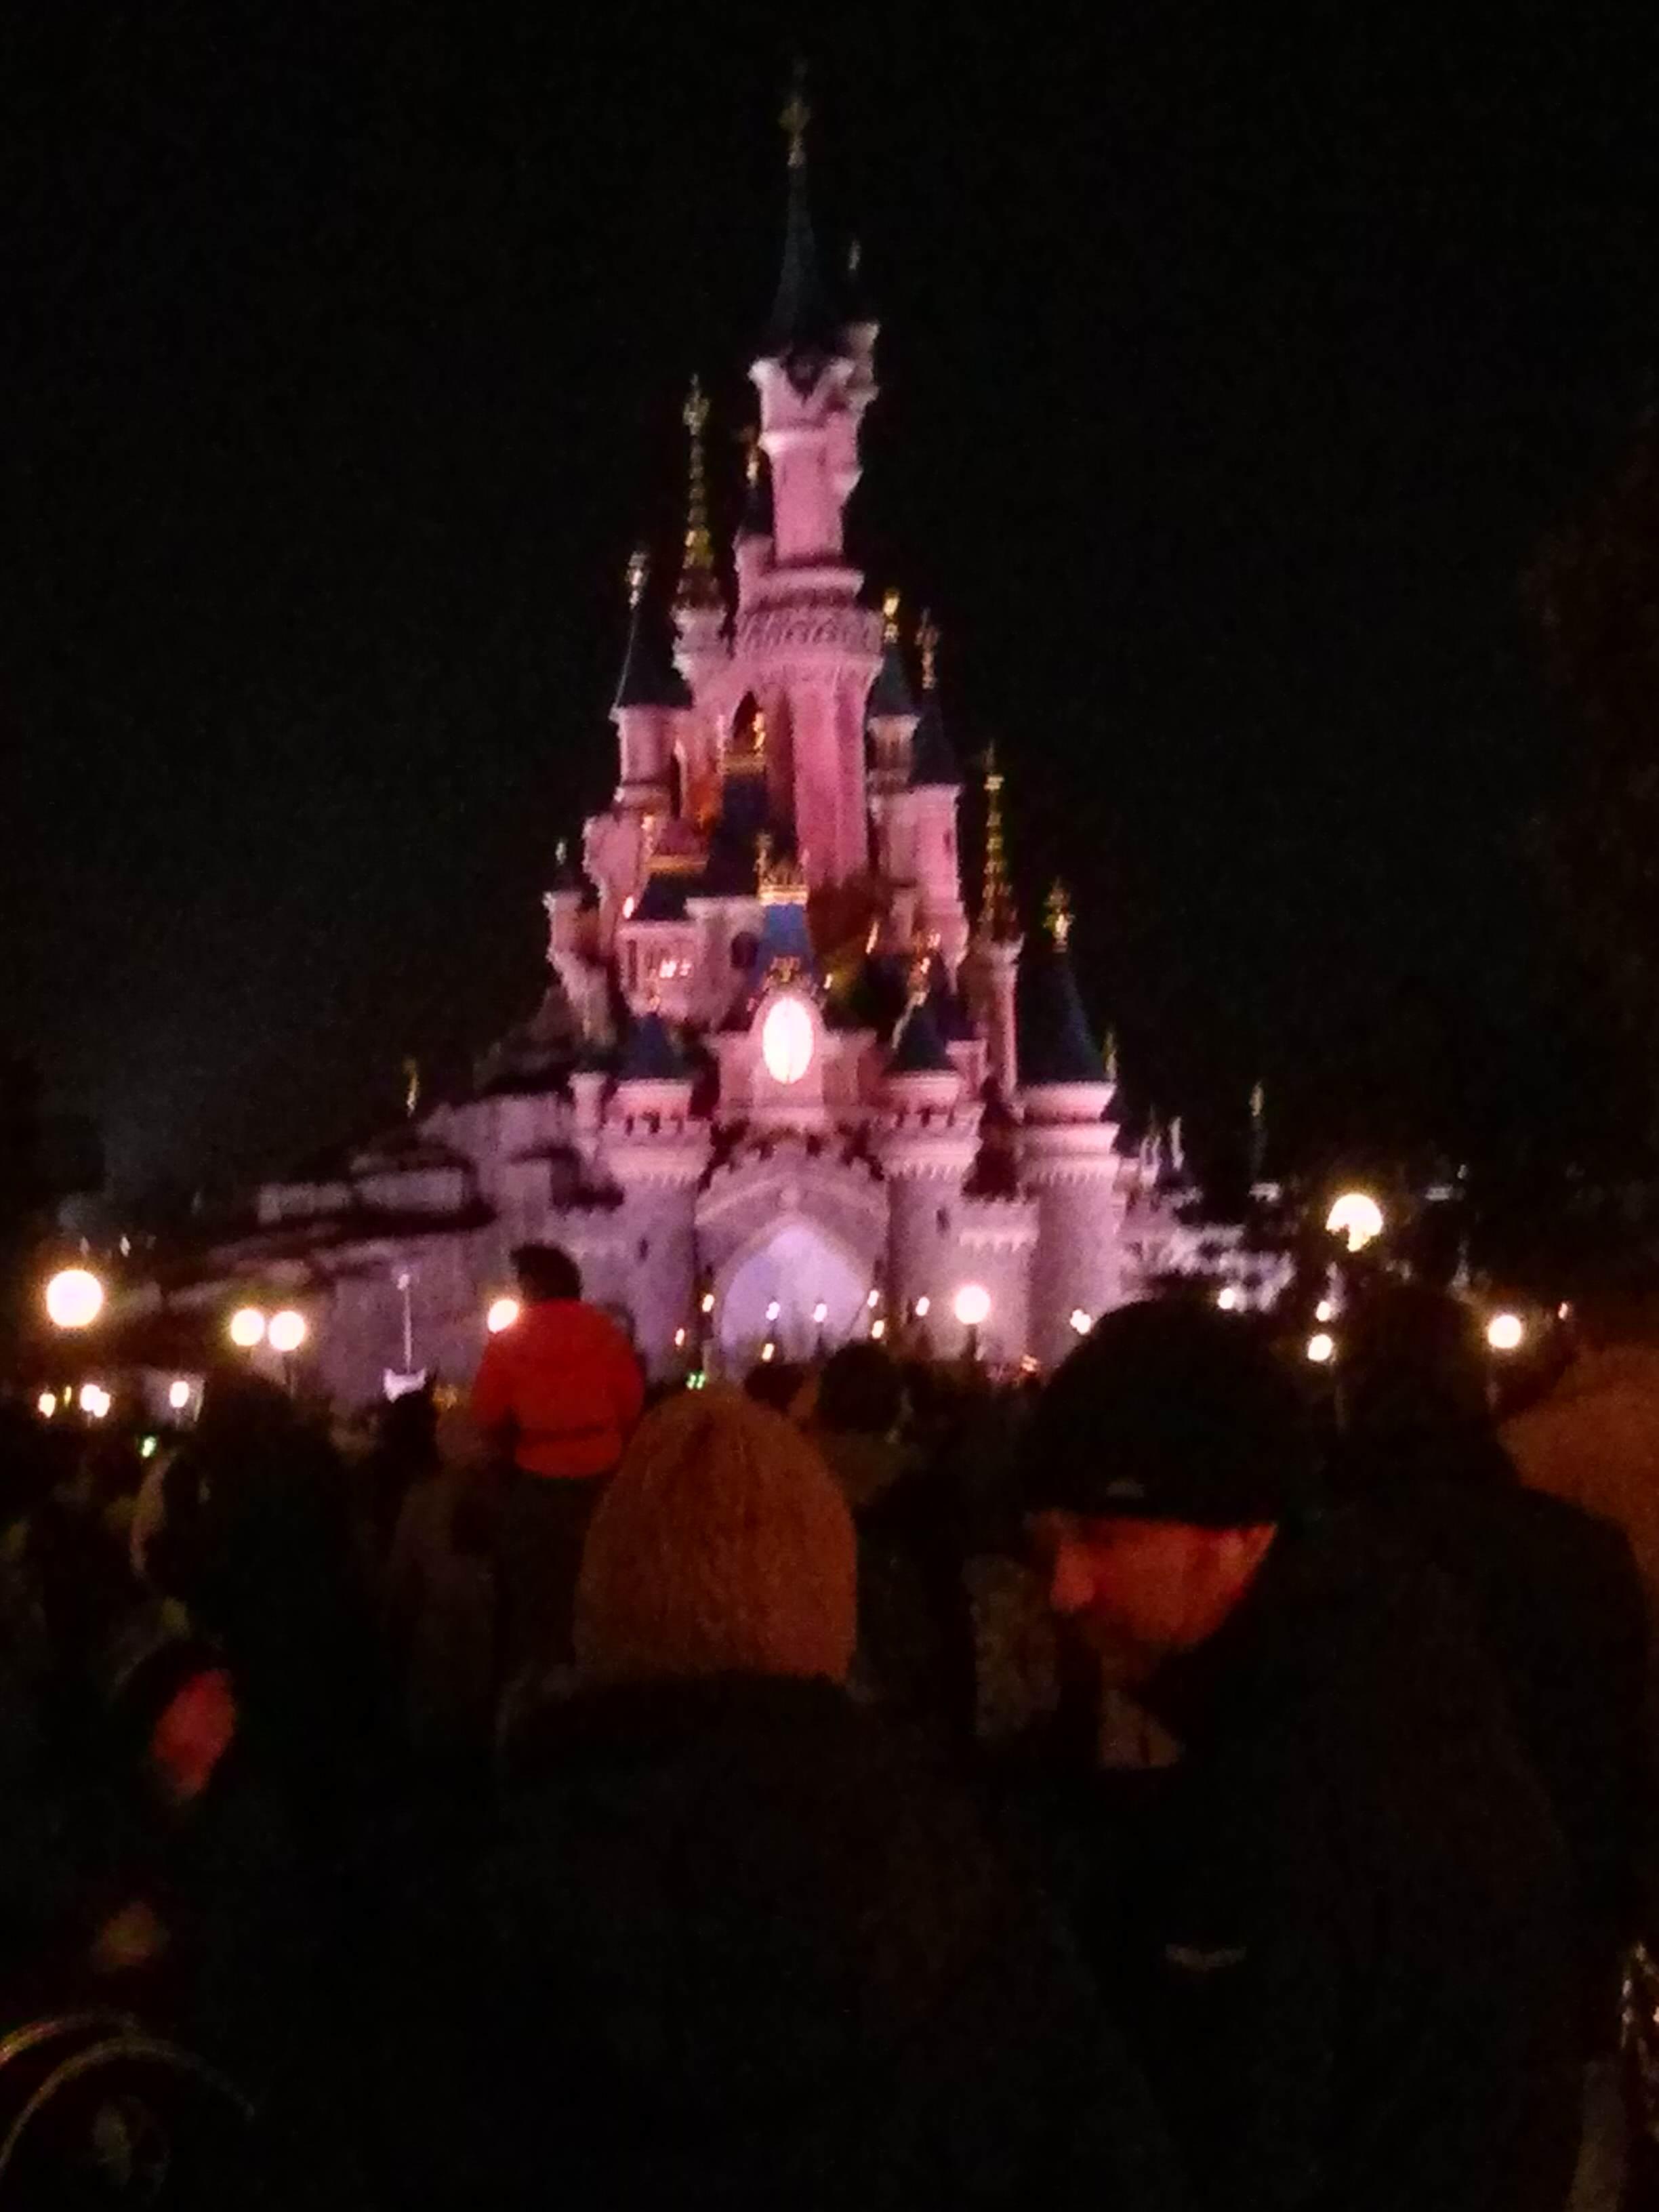 Le château de la belle au bois dormant, de nuit